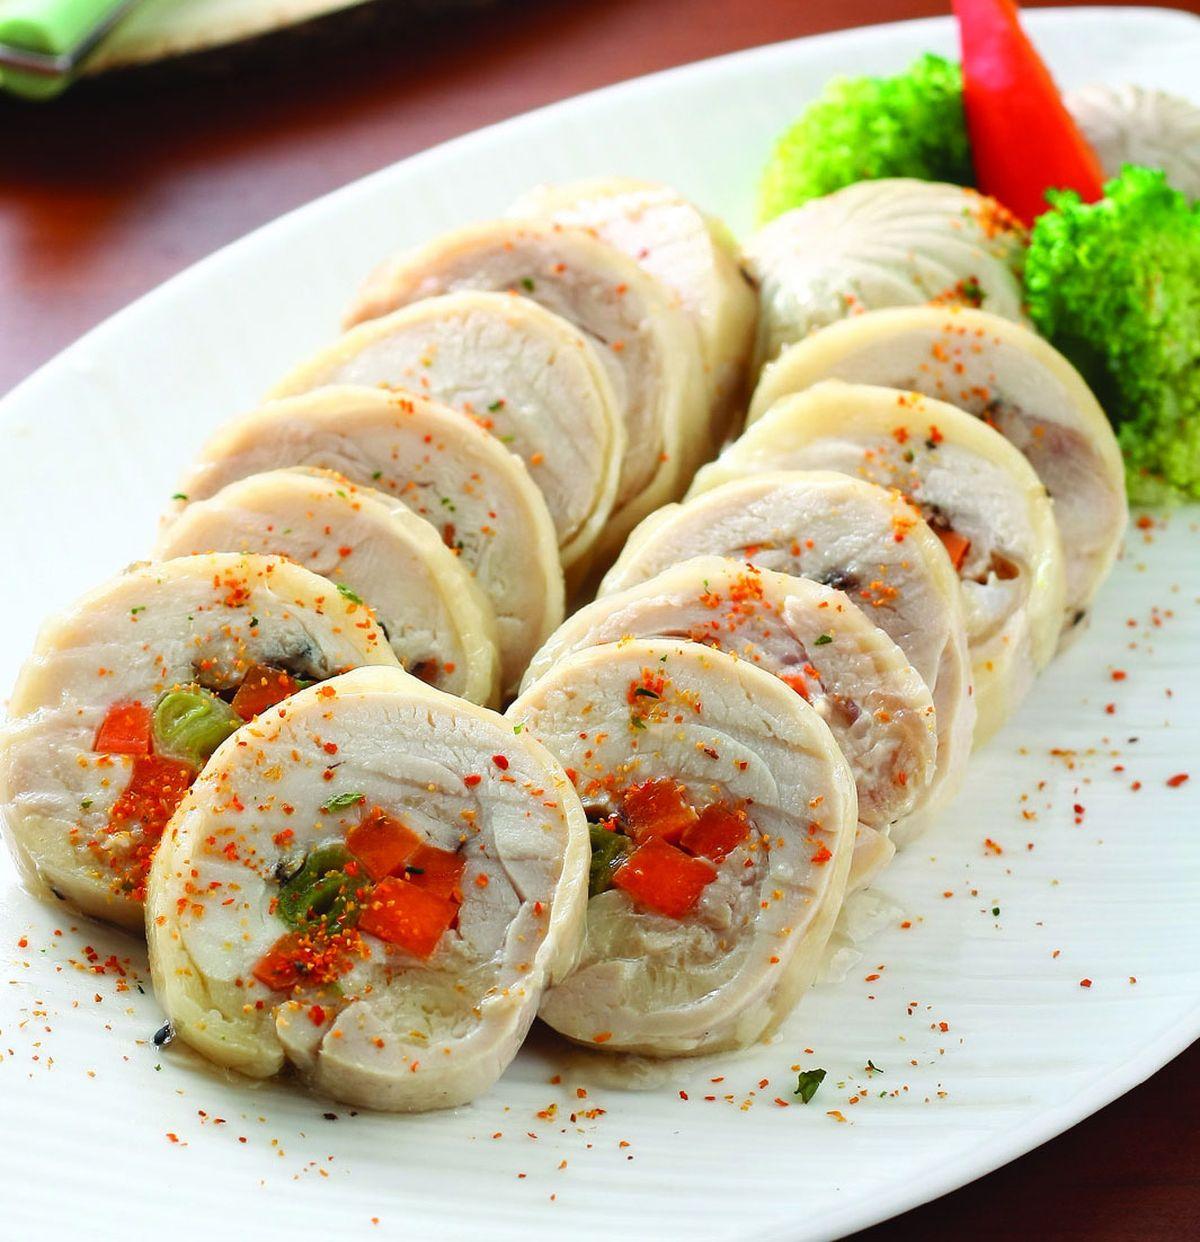 食譜:異國風味雞腿蔬菜捲